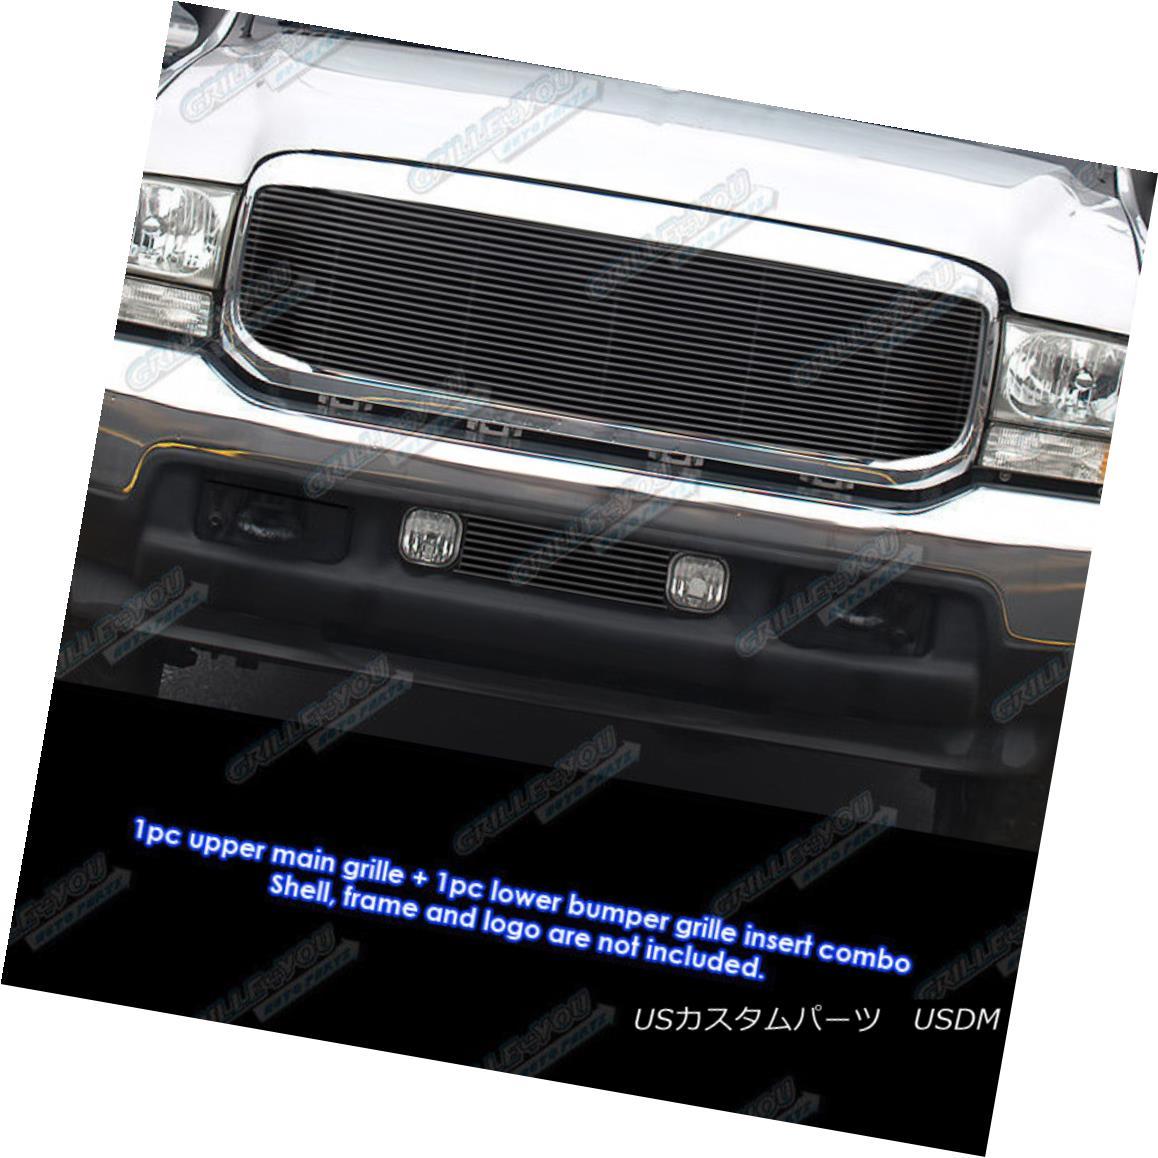 グリル Fits 1999-2004 Ford F-250 Super Duty/Excursion Black Billet Grille Grill Combo フィット1999-2004フォードF - 250スーパーデューティ/エクスカーションブラックビレットグリルグリルコンボ